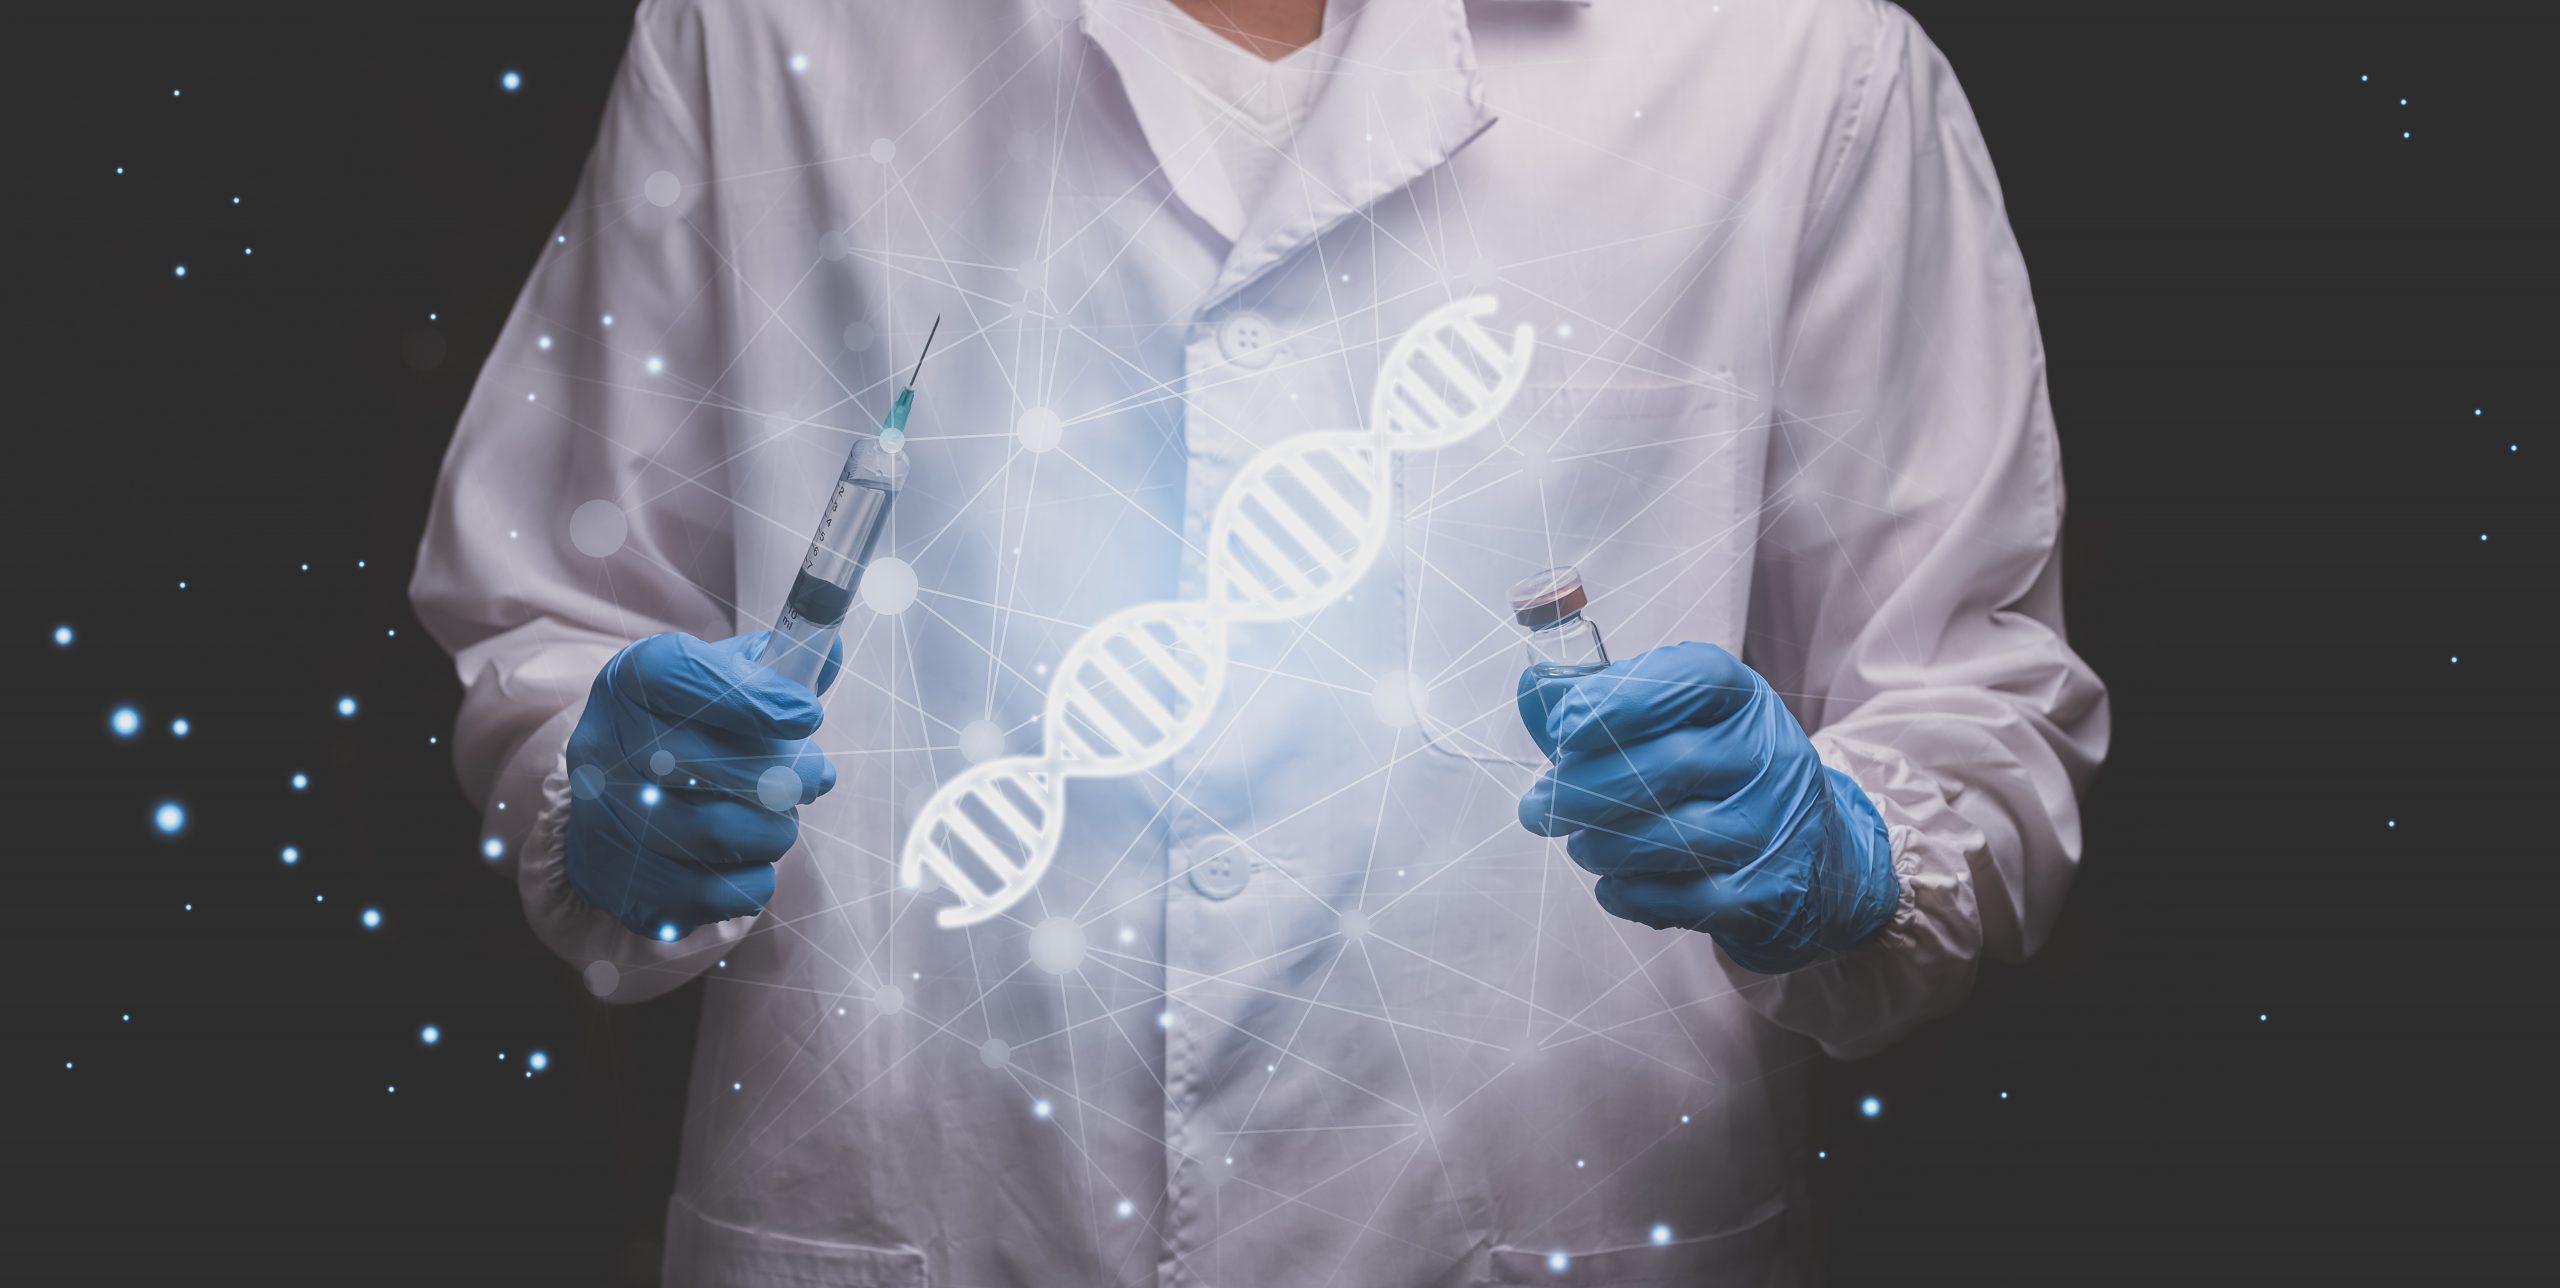 Teste de DNA pode ser realizado nos parentes próximos ao suposto pai